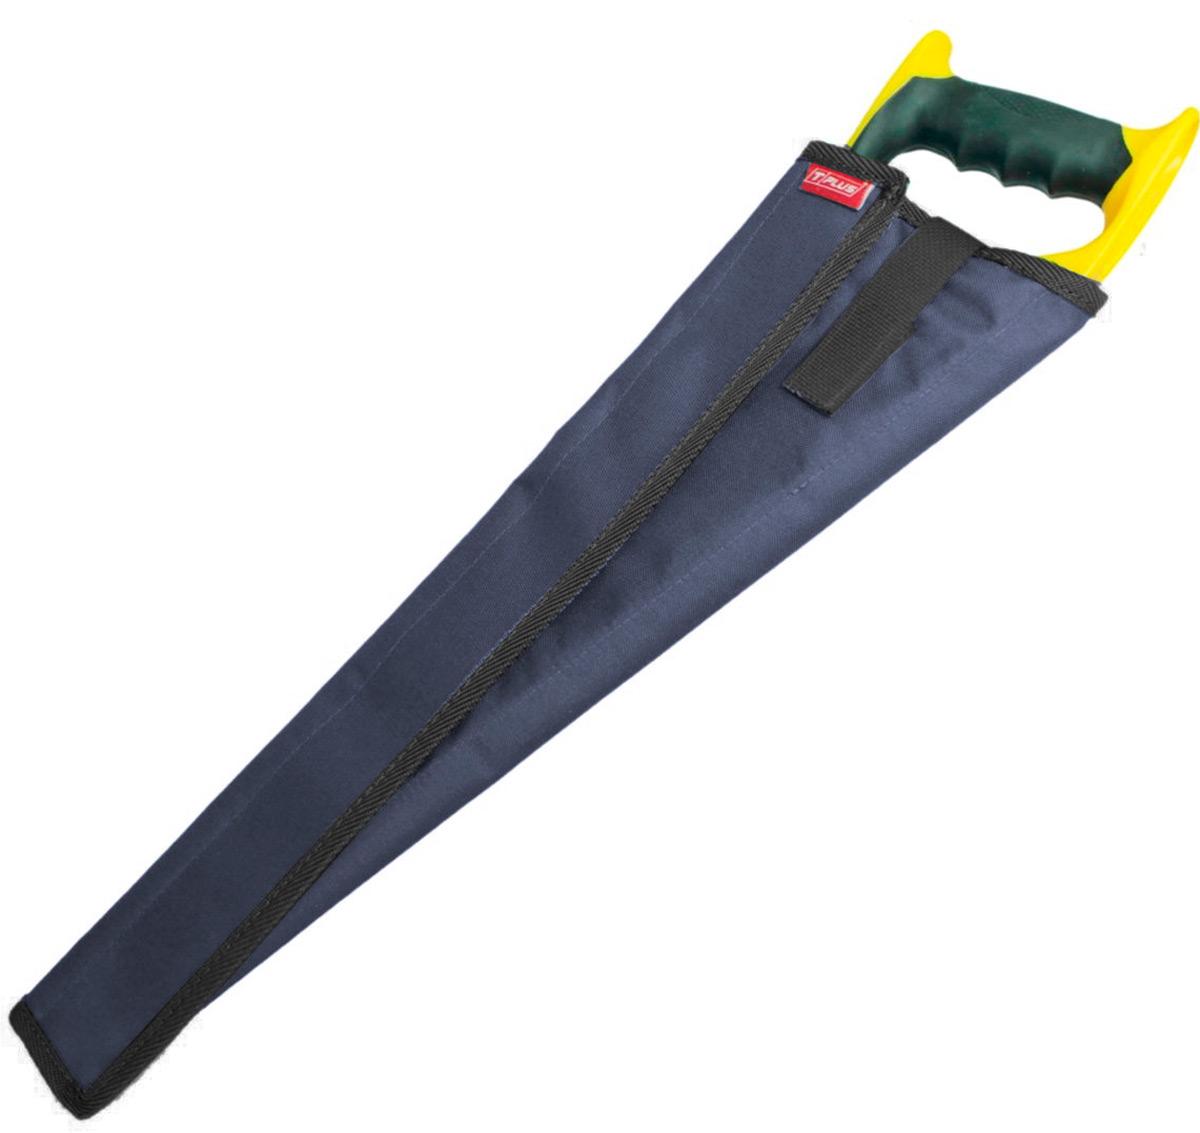 Чехол для ножовки Tplus, оксфорд 600, цвет: синий, 35 смT014724Чехол для ножовки удобная и полезная вещь. Благодаря ему можно положить ножовку в сумку или рюкзак без какого-либо ущерба. Чехол является разъемным и позволяет просто обернуть его вокруг ножовки. В зависимости от ее ширины чехол можно сделать плотнее или свободнее.Его длина – 350 мм, изготовлен он из ткани оксфорд 600, которая имеет высокую прочность на разрыв и стойкость к истиранию. Закрывается чехол при помощи текстильной ленты-липучки, пришитой вдоль него. Также на нем предусмотрен специальный язычок на липучке, который с одной стороны просовывается сквозь ручку ножовки, а с другой стороны крепится на чехол, создавая фиксацию.Приобретая чехол для ножовки, вы обеспечиваете безопасную переноску режущего предмета, а также защищаете его от грязи, пыли и влаги.